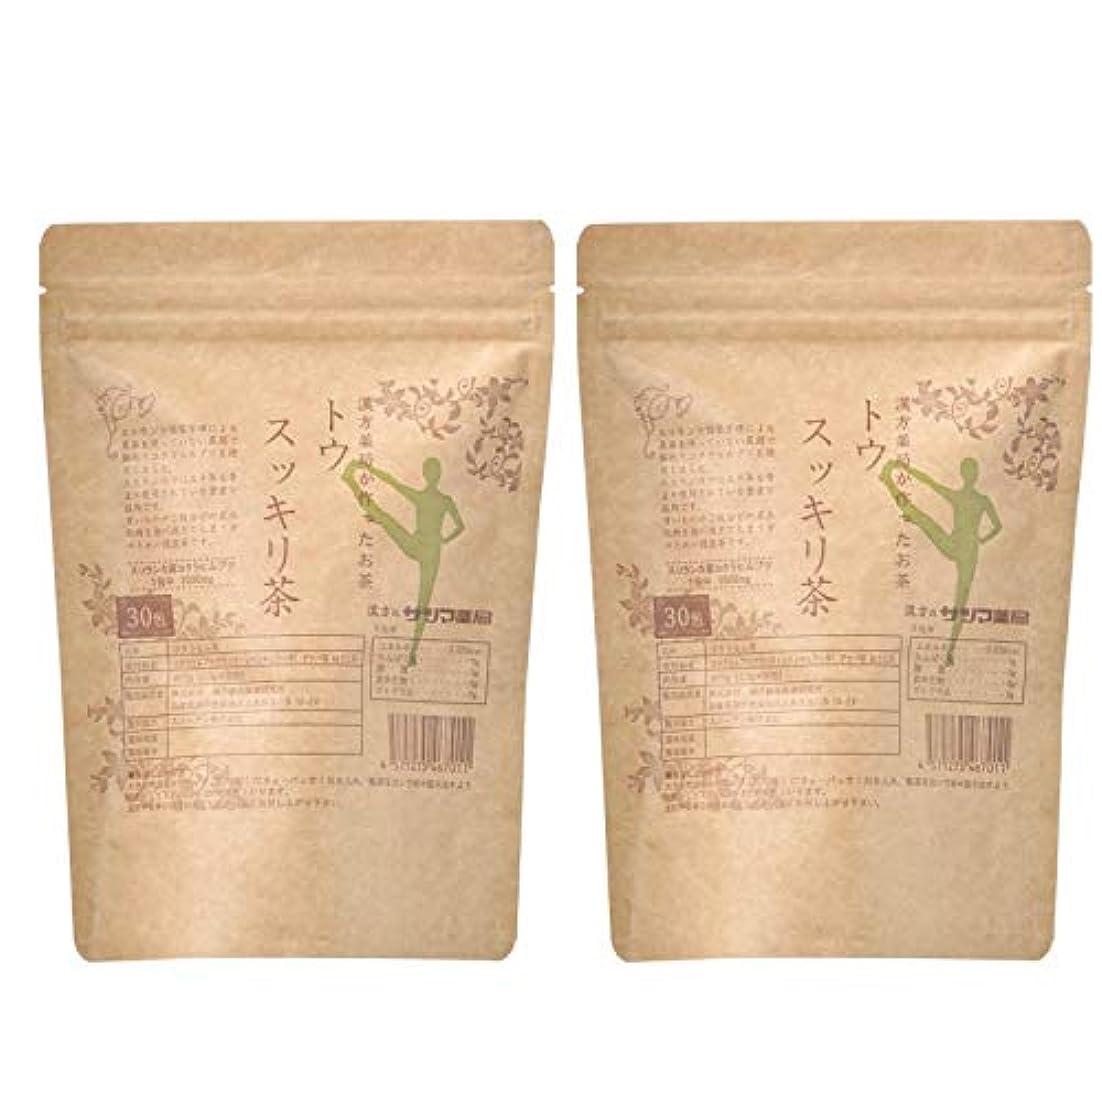 サツマ薬局 ダイエットティー トウスッキリ茶 60包(30包×2) ティーパック 高濃度コタラヒム茶 ほうじ茶